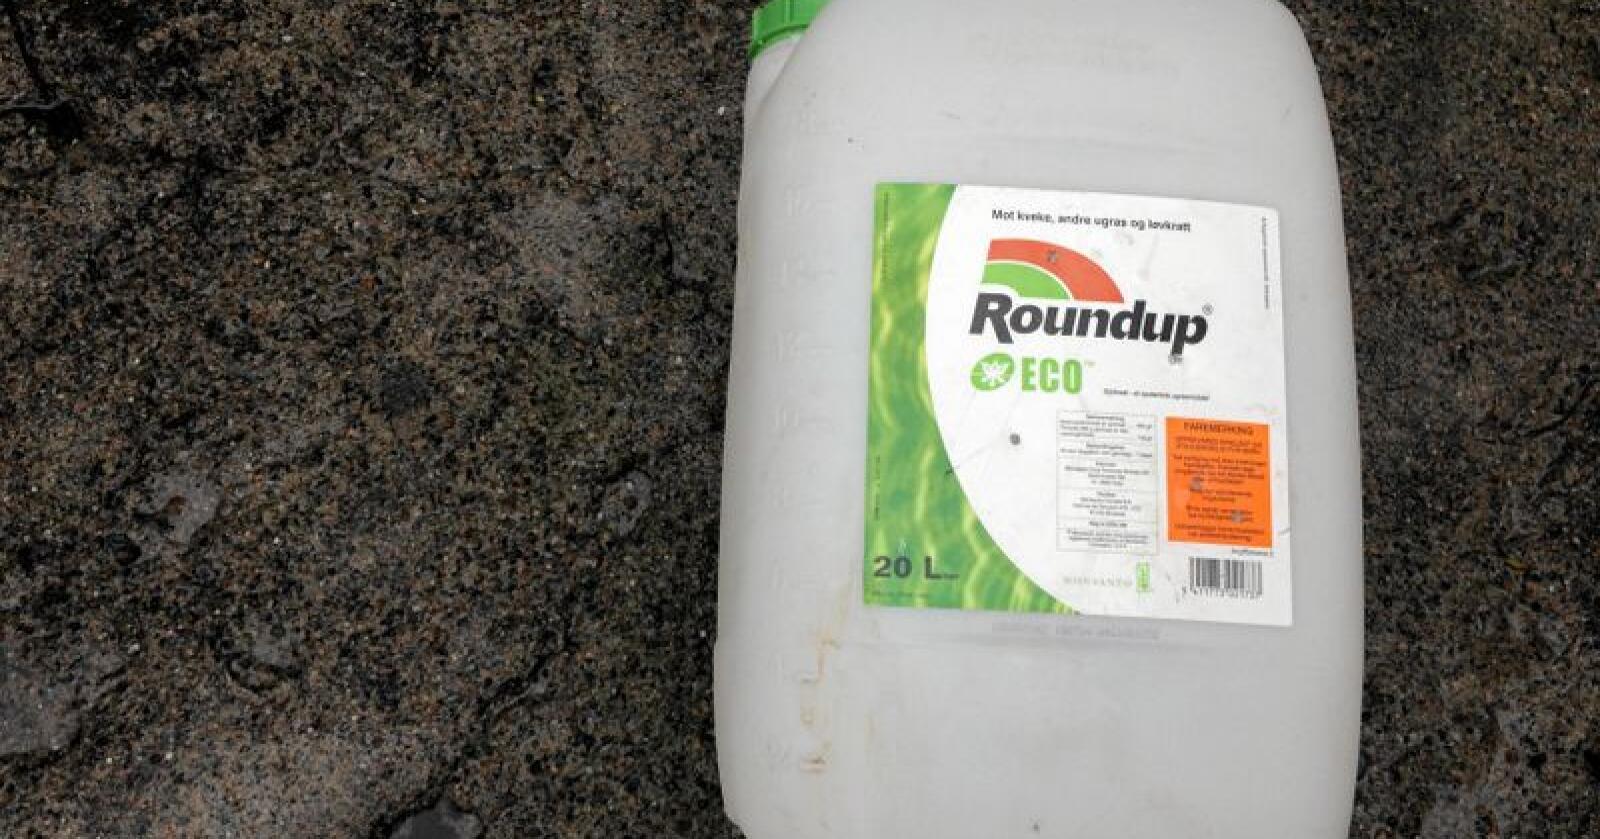 Glyfosat er det mest brukte virkestoffet plantevernmidler i Norge. Her en dunk Roundup, som er det mest kjente glyfosat-produktet. Foto: Svein Egil Hatlevik